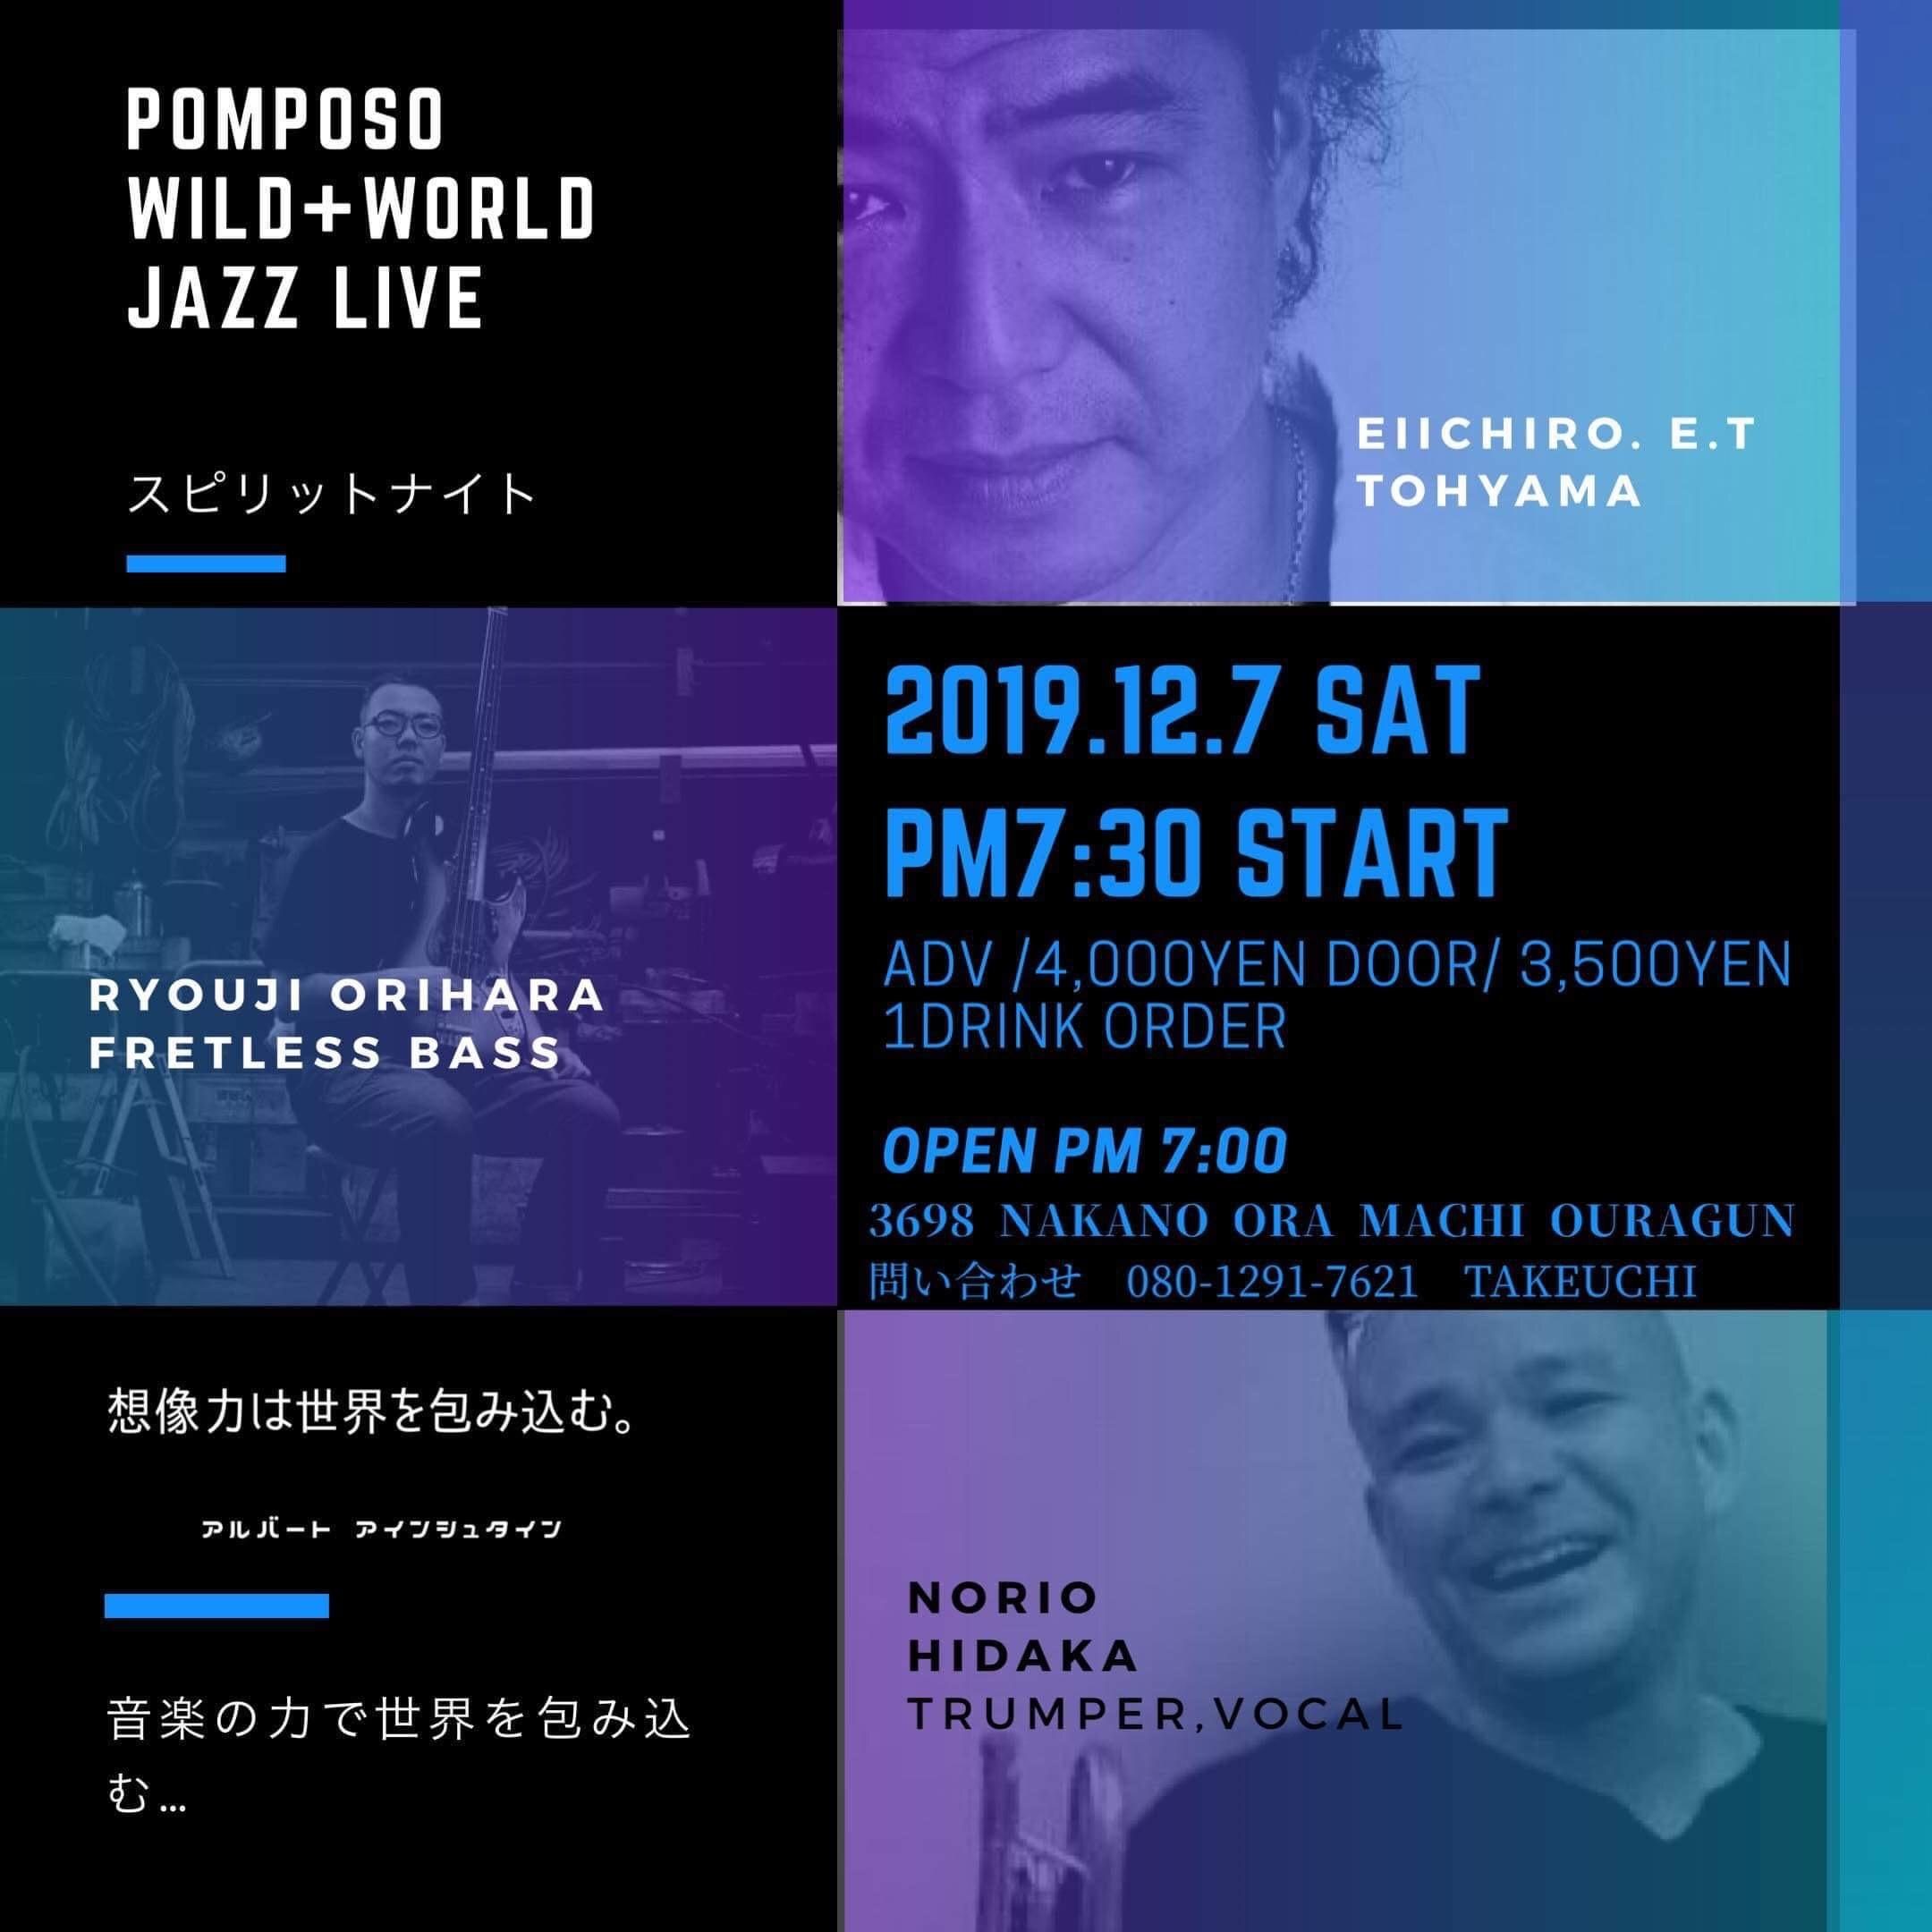 2019-12-7 群馬県邑楽町 ポンポーソライブ(*゚∀゚*)_e0097491_00553765.jpeg